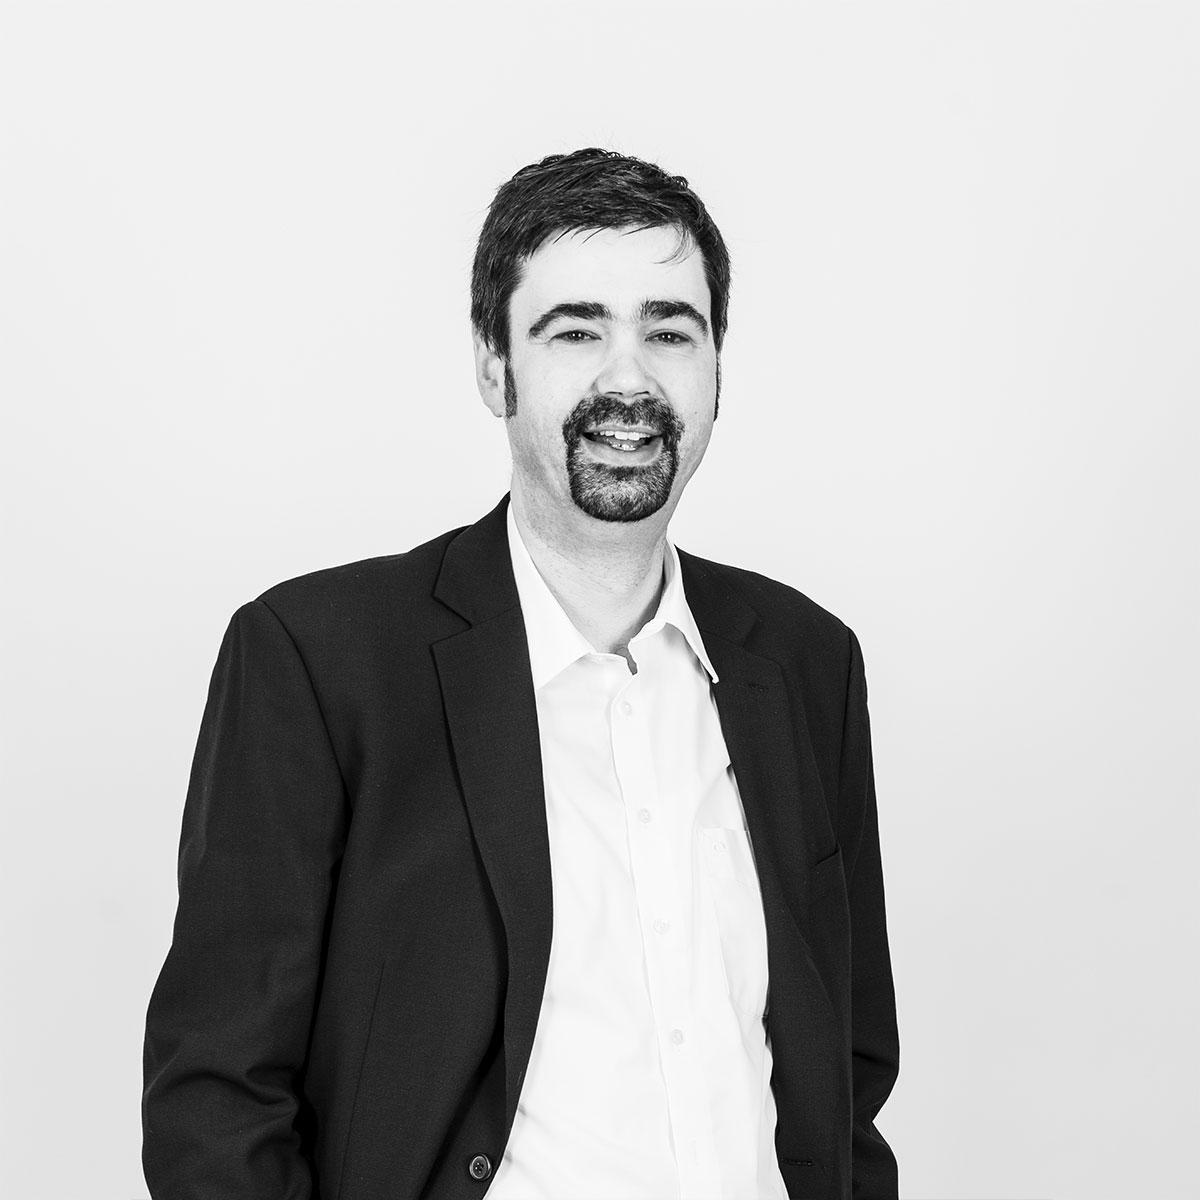 Tobias Auberger